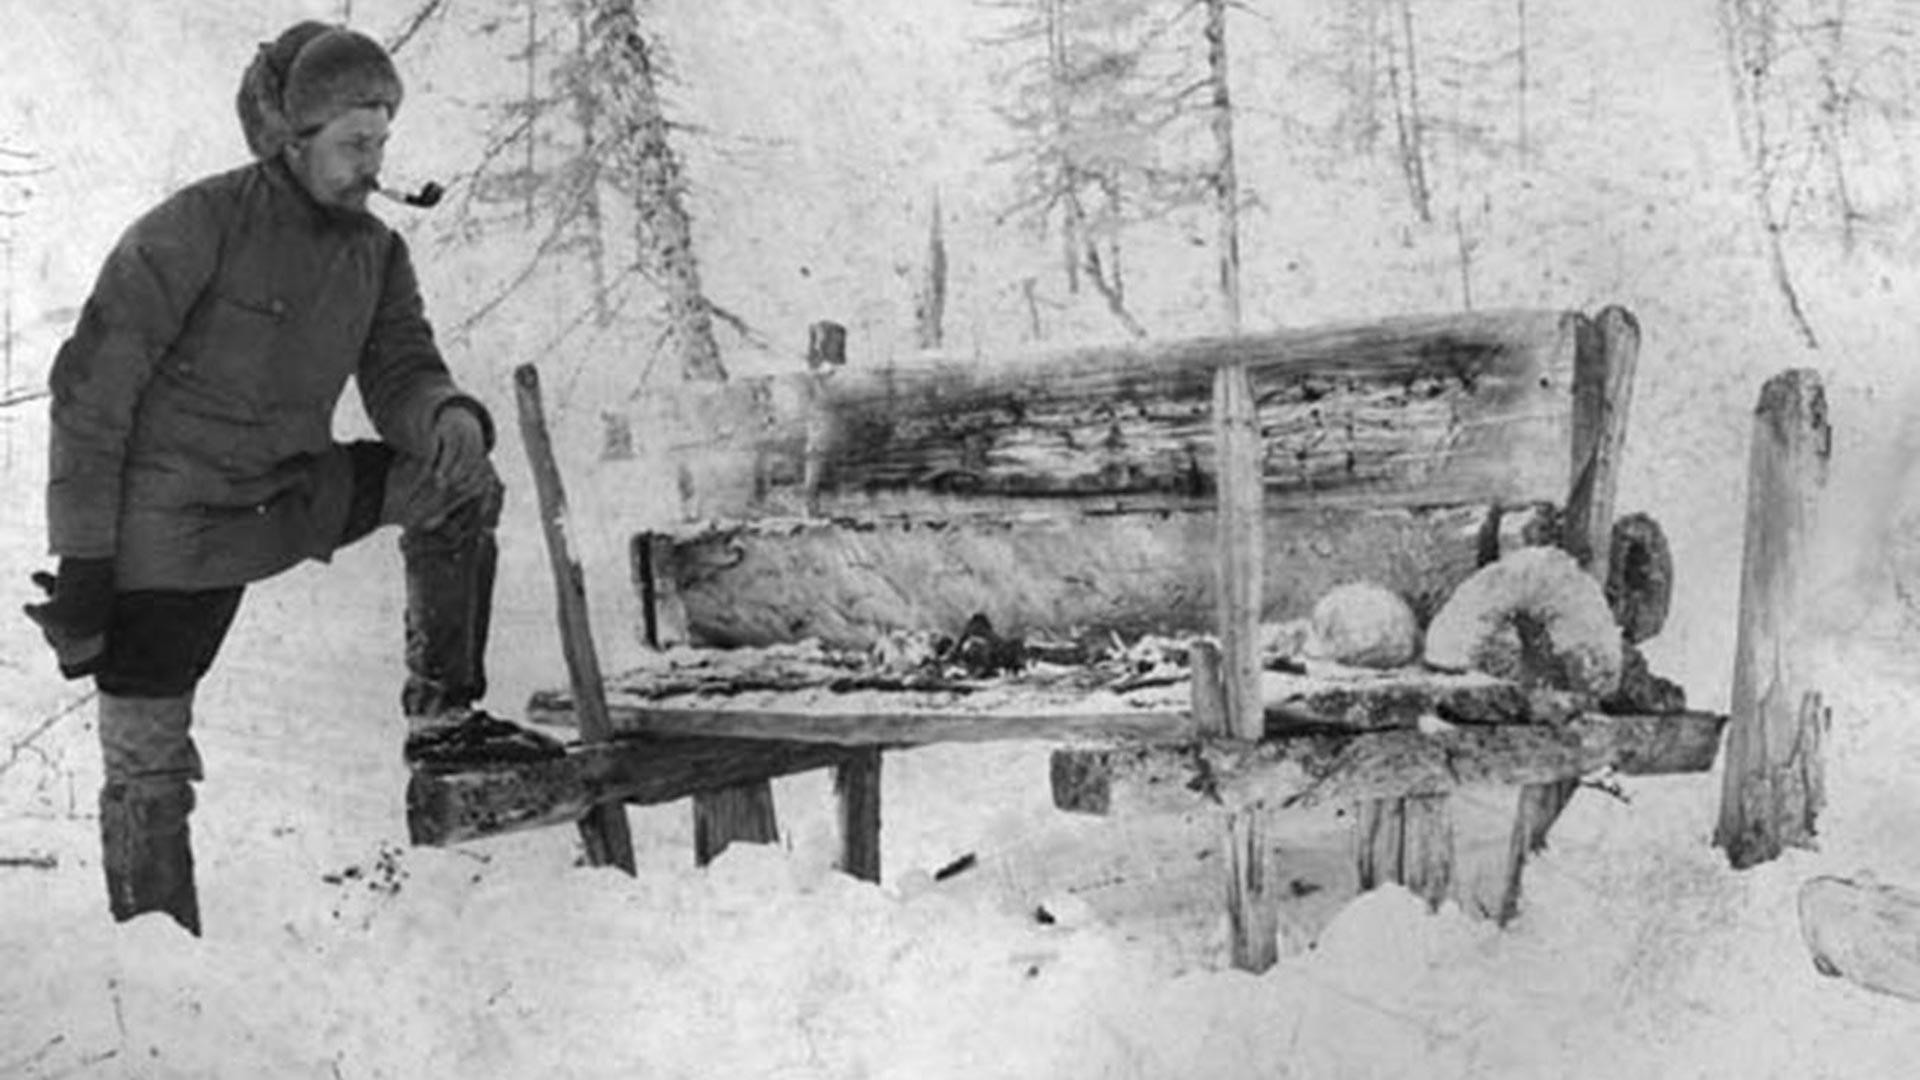 Етнограф В. Н. Васиљев поред покојника чије тело је остављено да иструне на ваздуху, Јенисејска губернија, 1905.